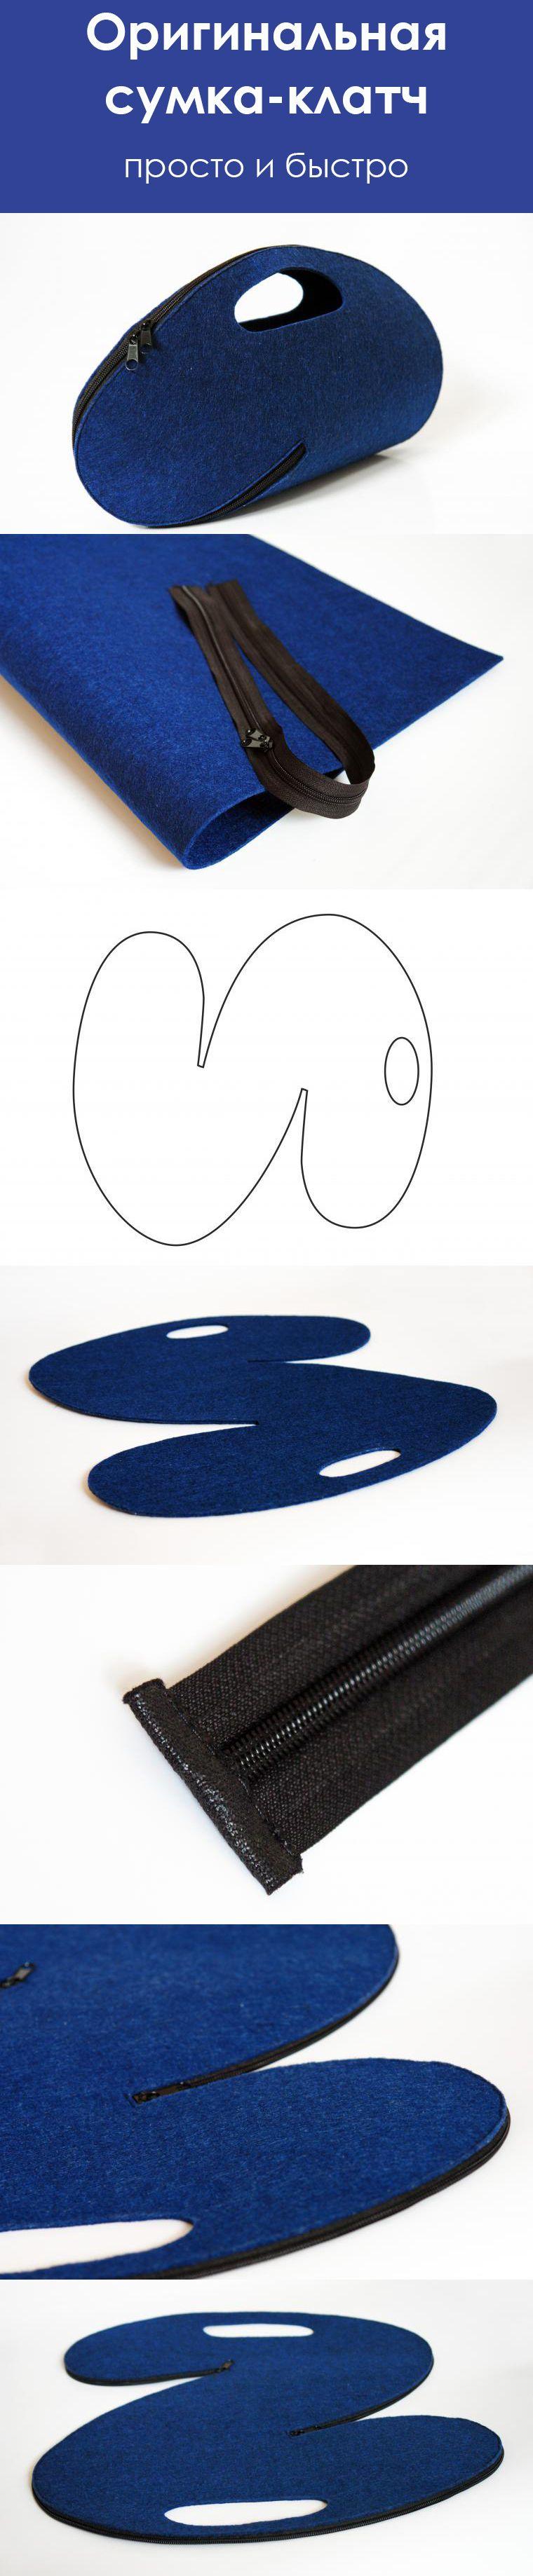 Как просто и быстро сделать своими руками оригинальный клатч из фетра